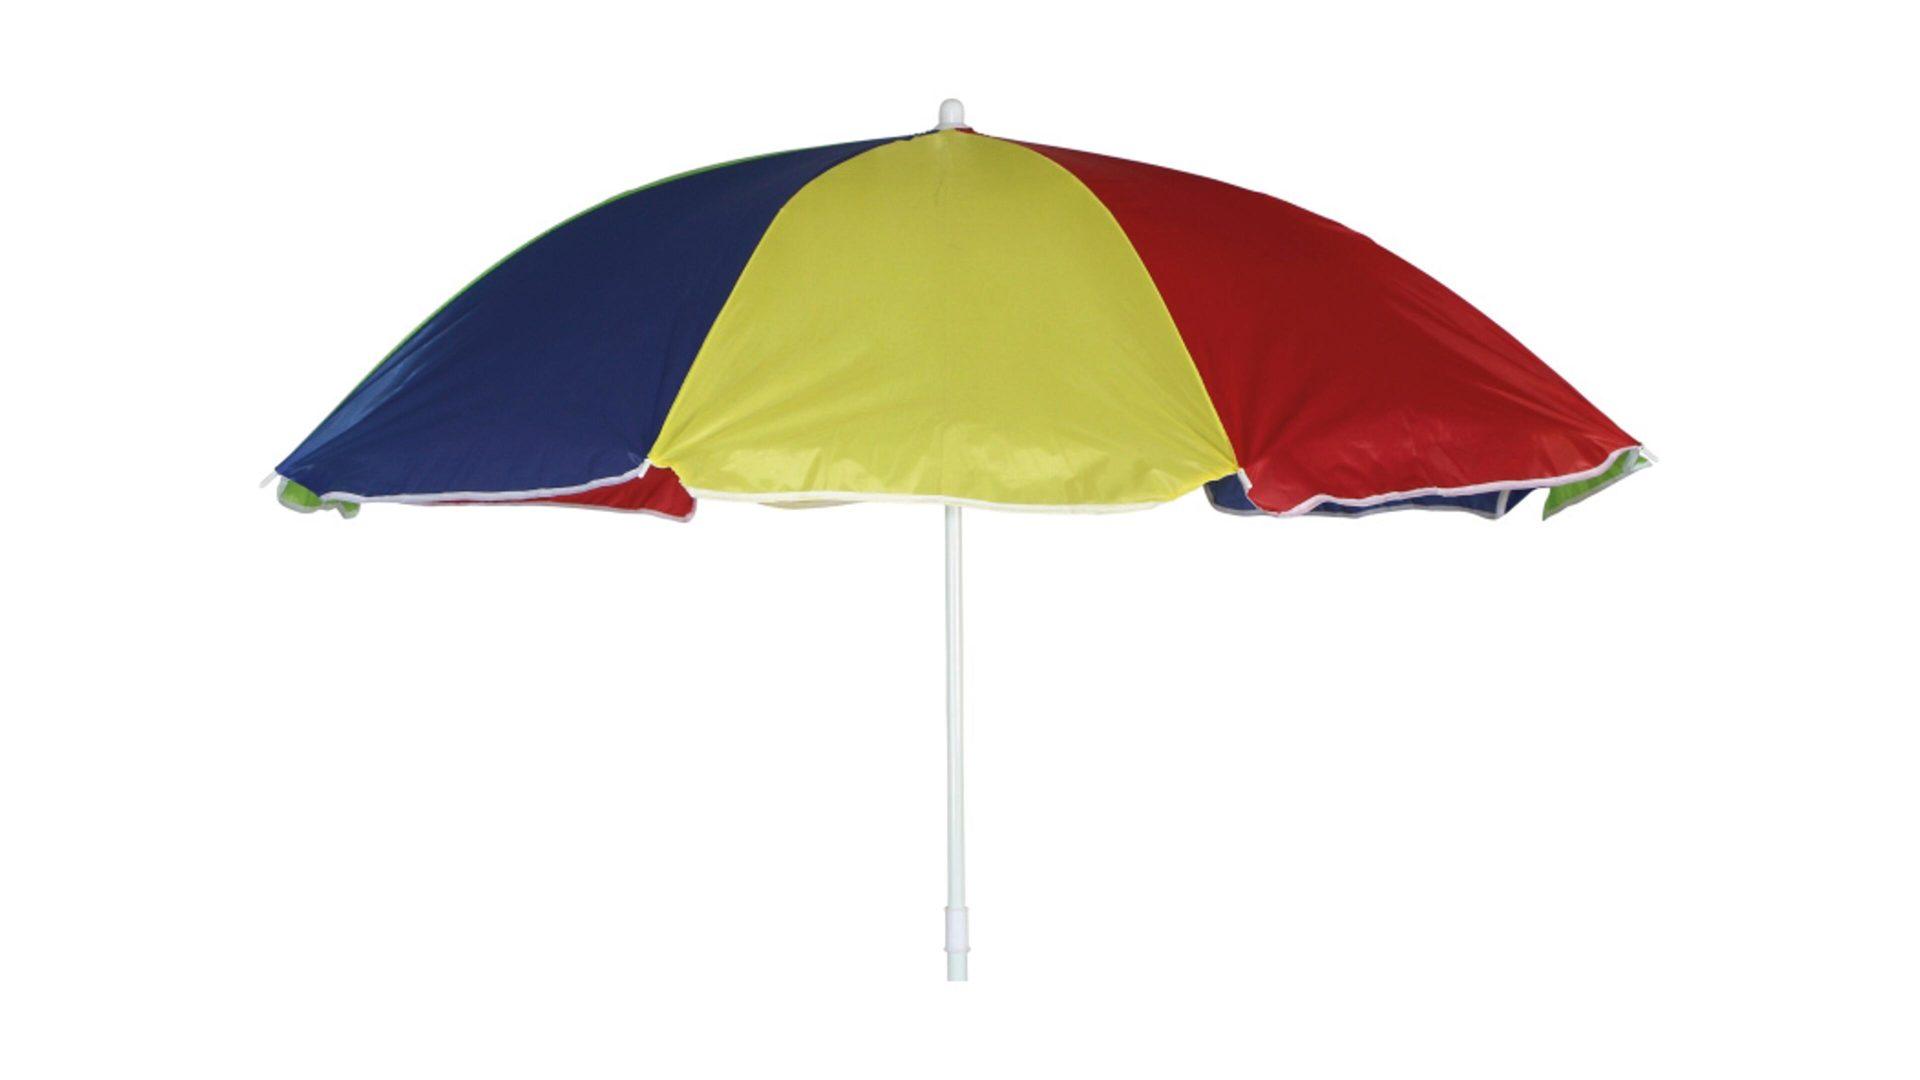 Siena Garden Sonnenschirm Multicolor Bunter Bezug Durchmesser Ca